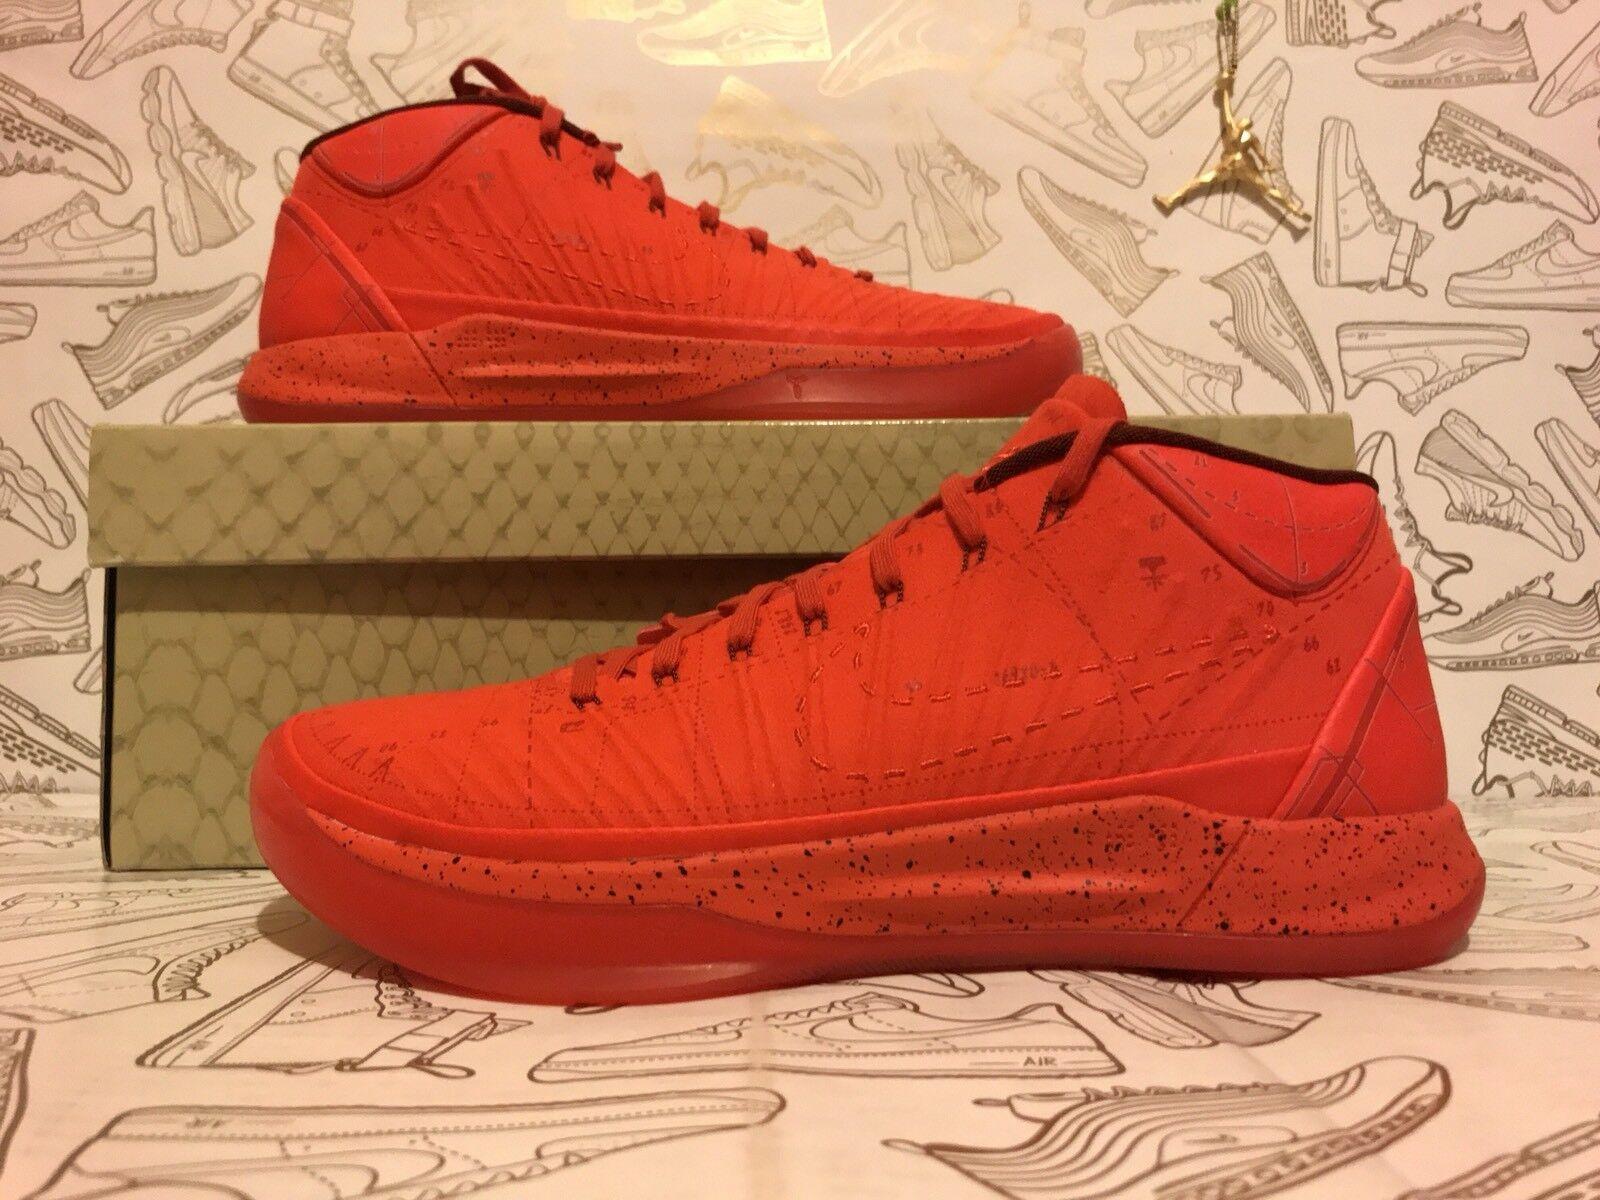 Nike spot habanero red mamba dalla passione di kobe 922482-600 sz rari